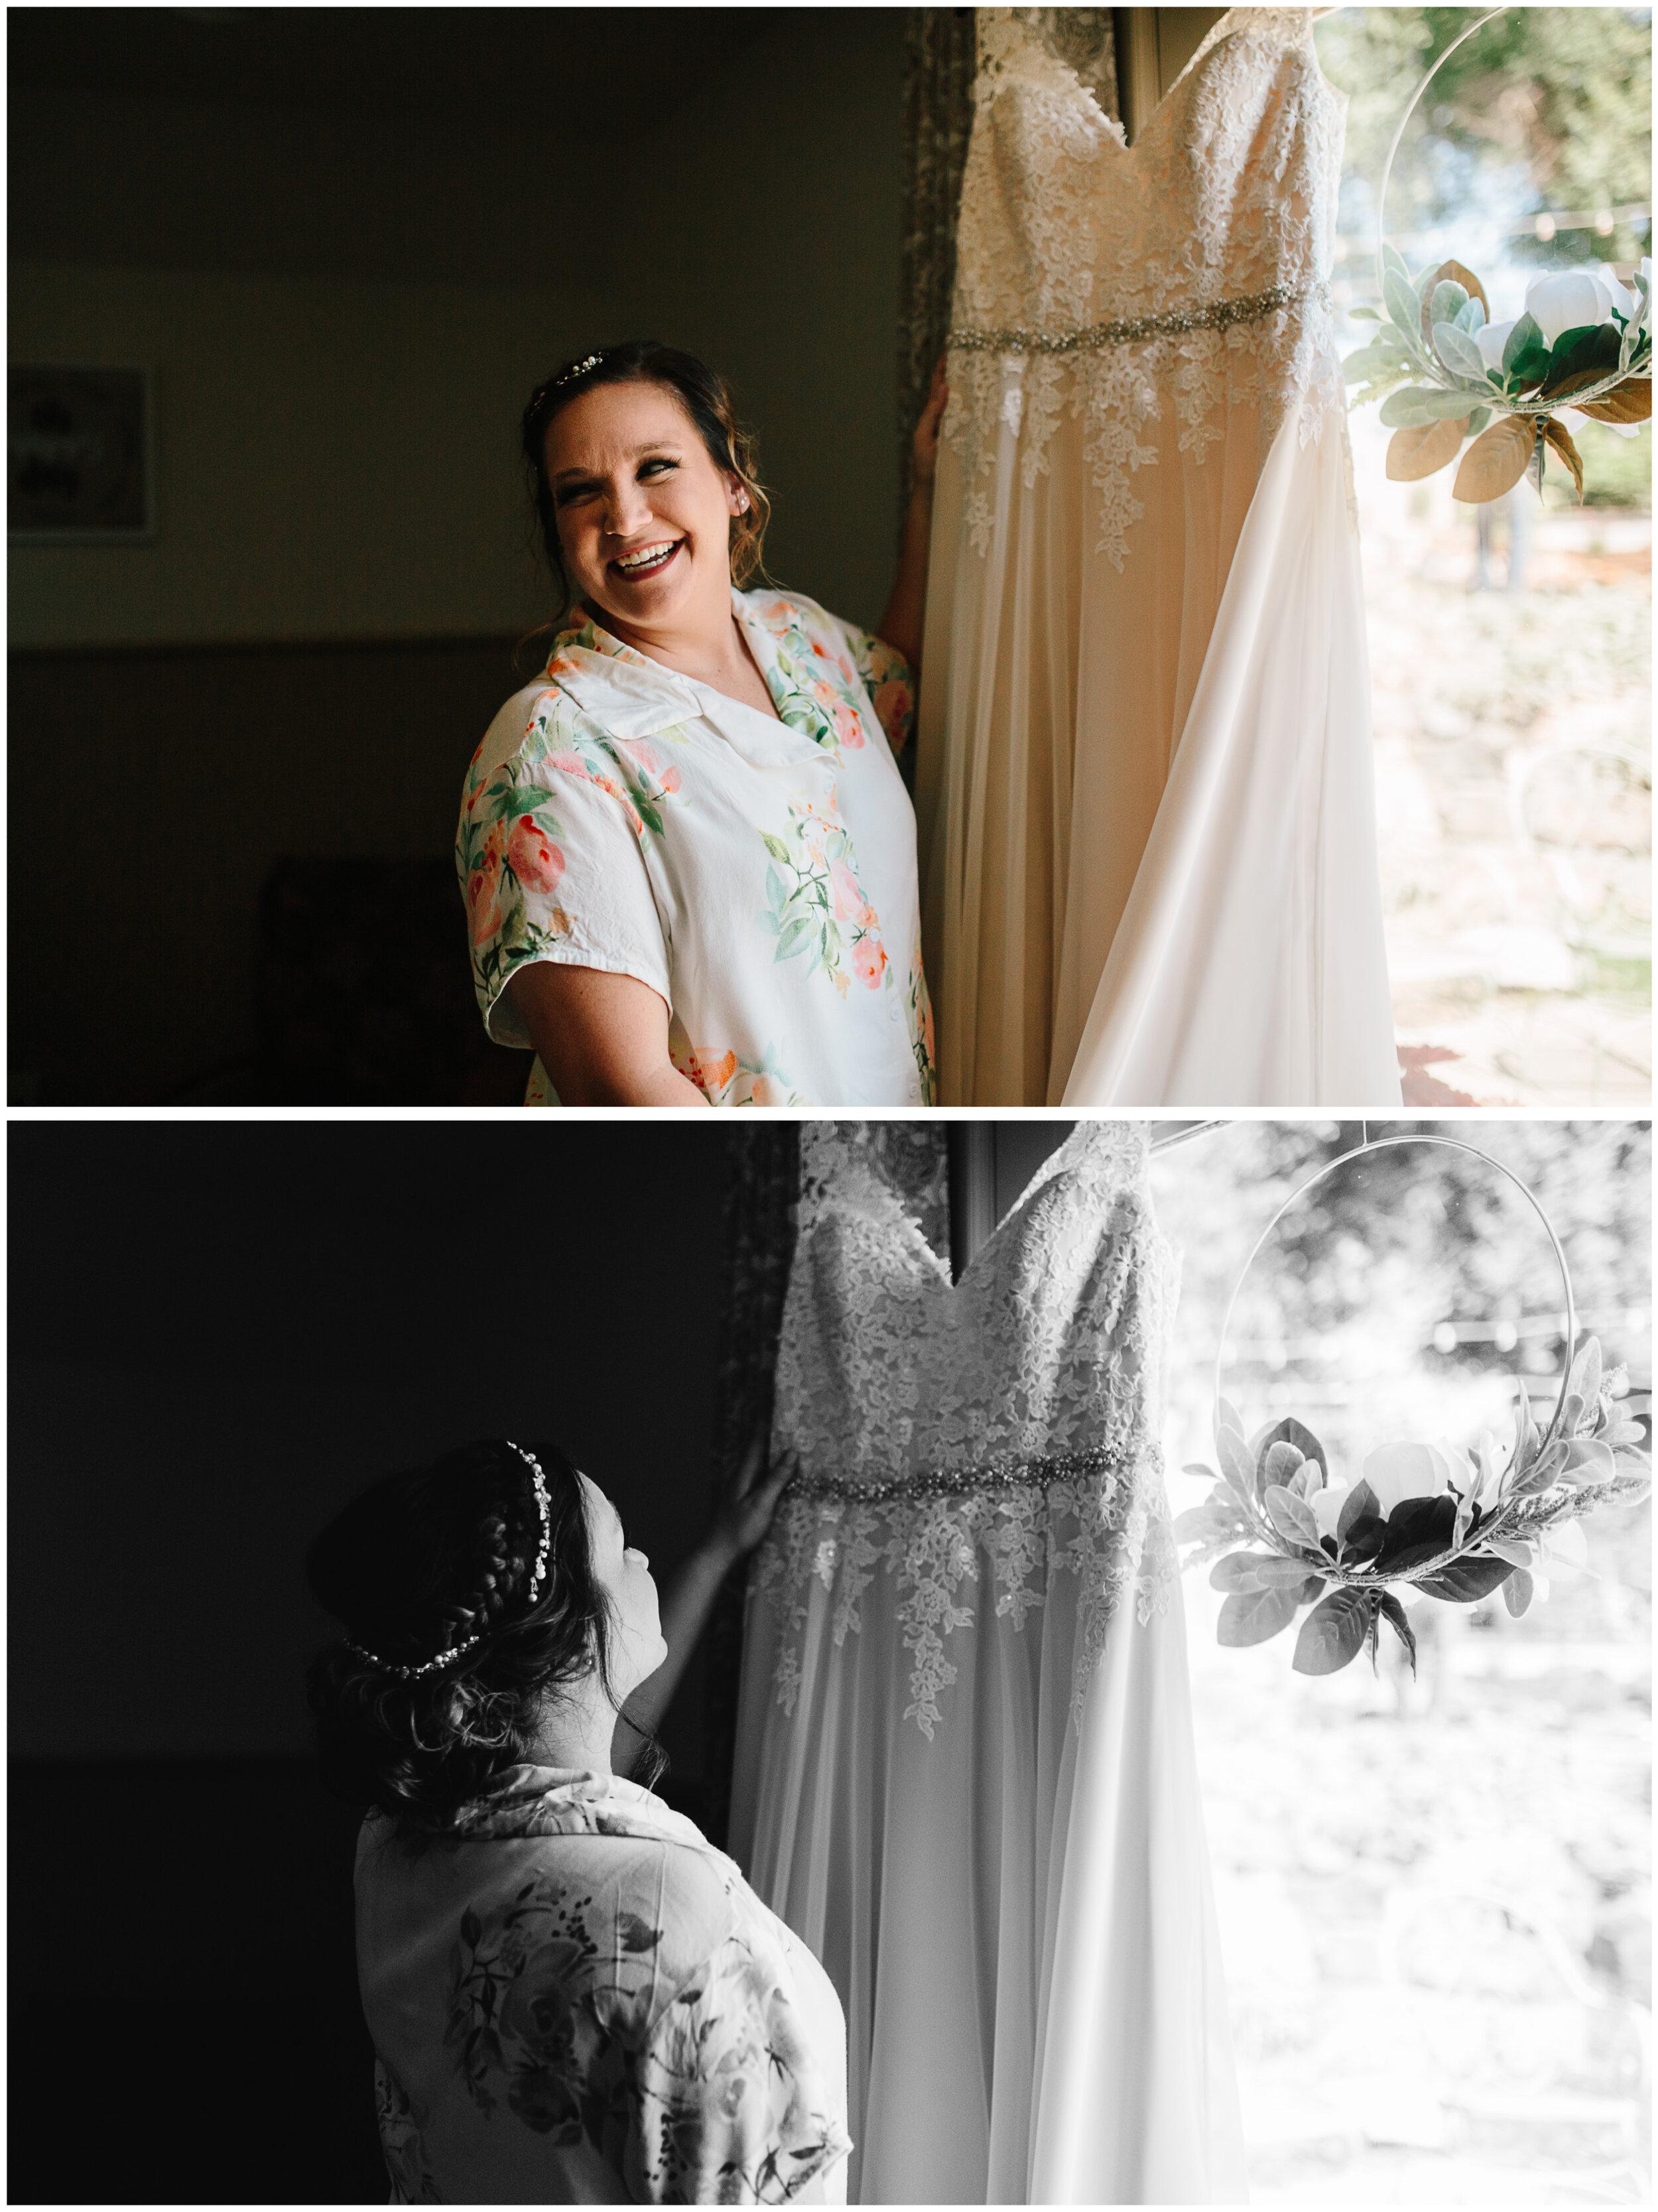 brighton_colorado_wedding_11.jpg